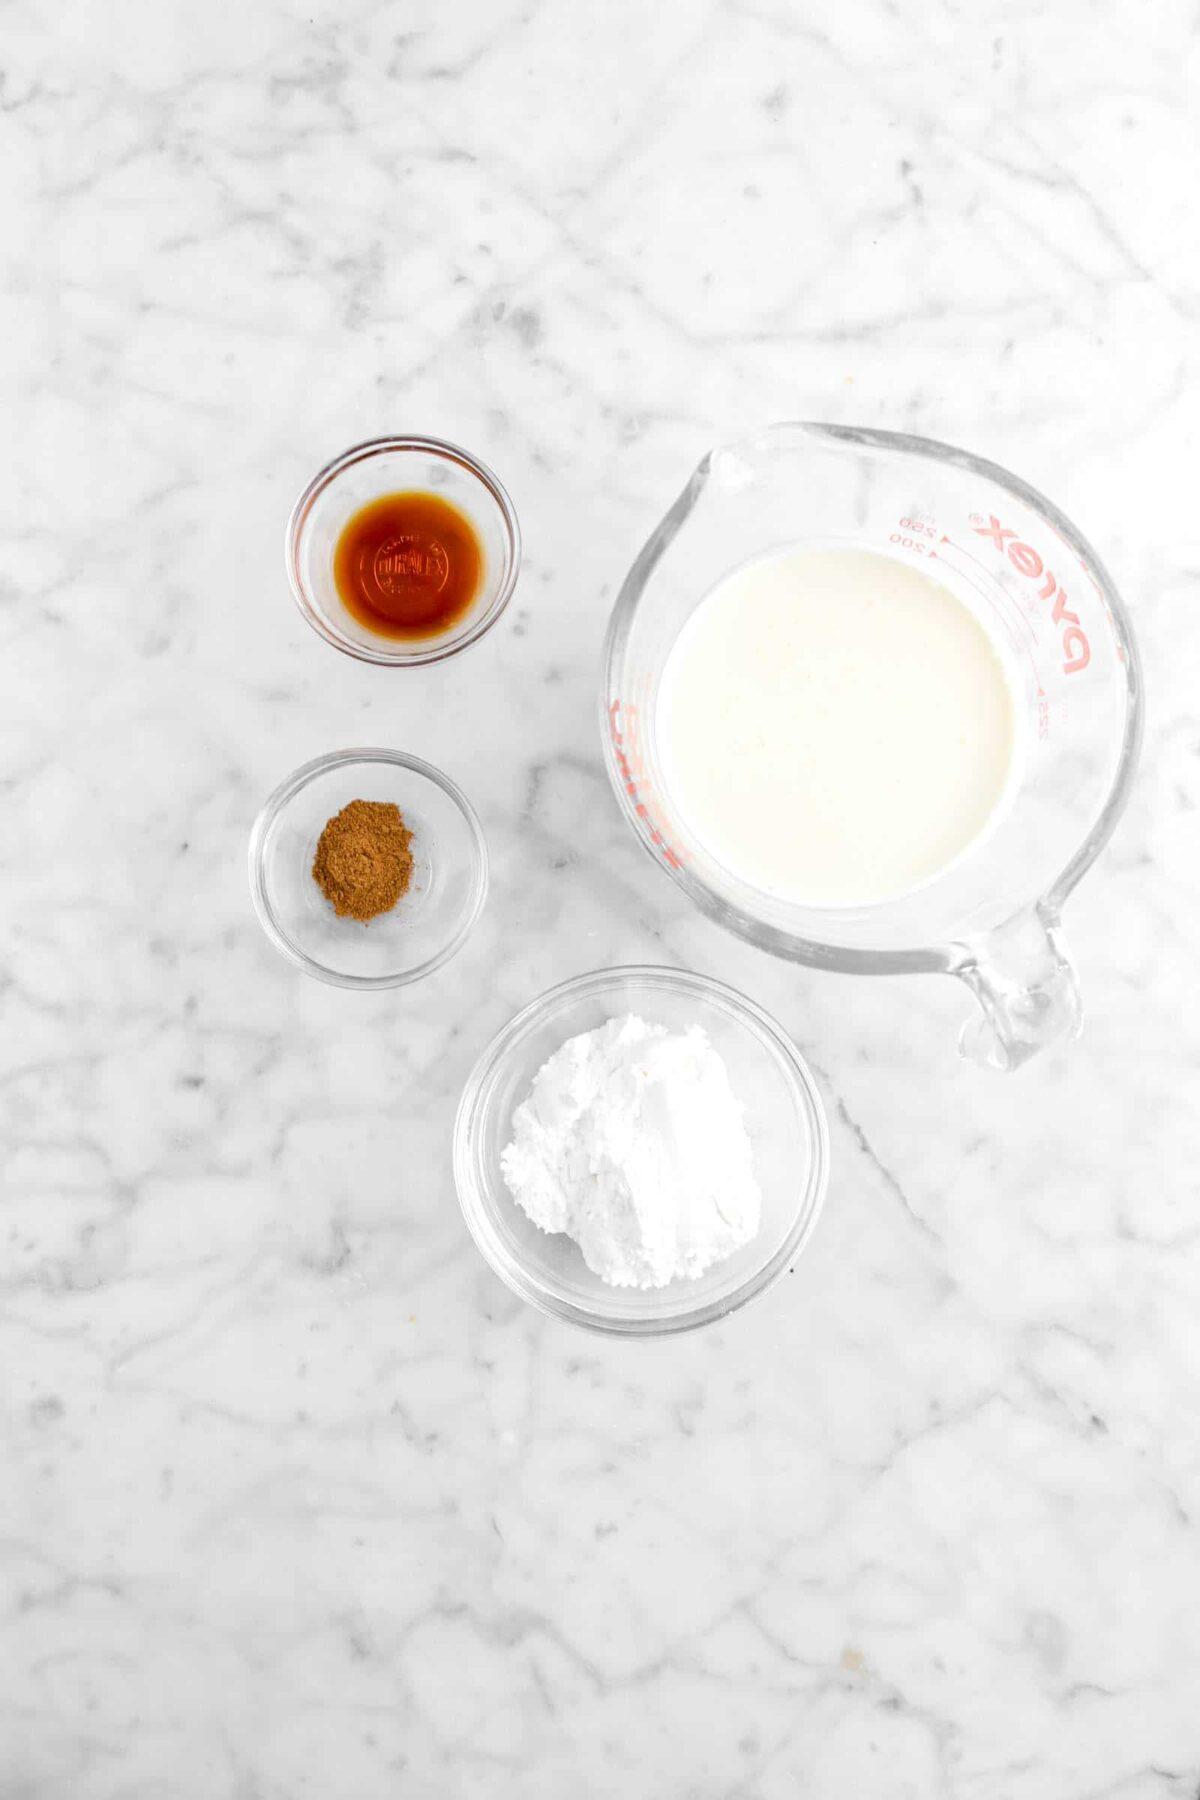 vanilla, pumpkin pie spice, powdered sugar, heavy cream on marble counter